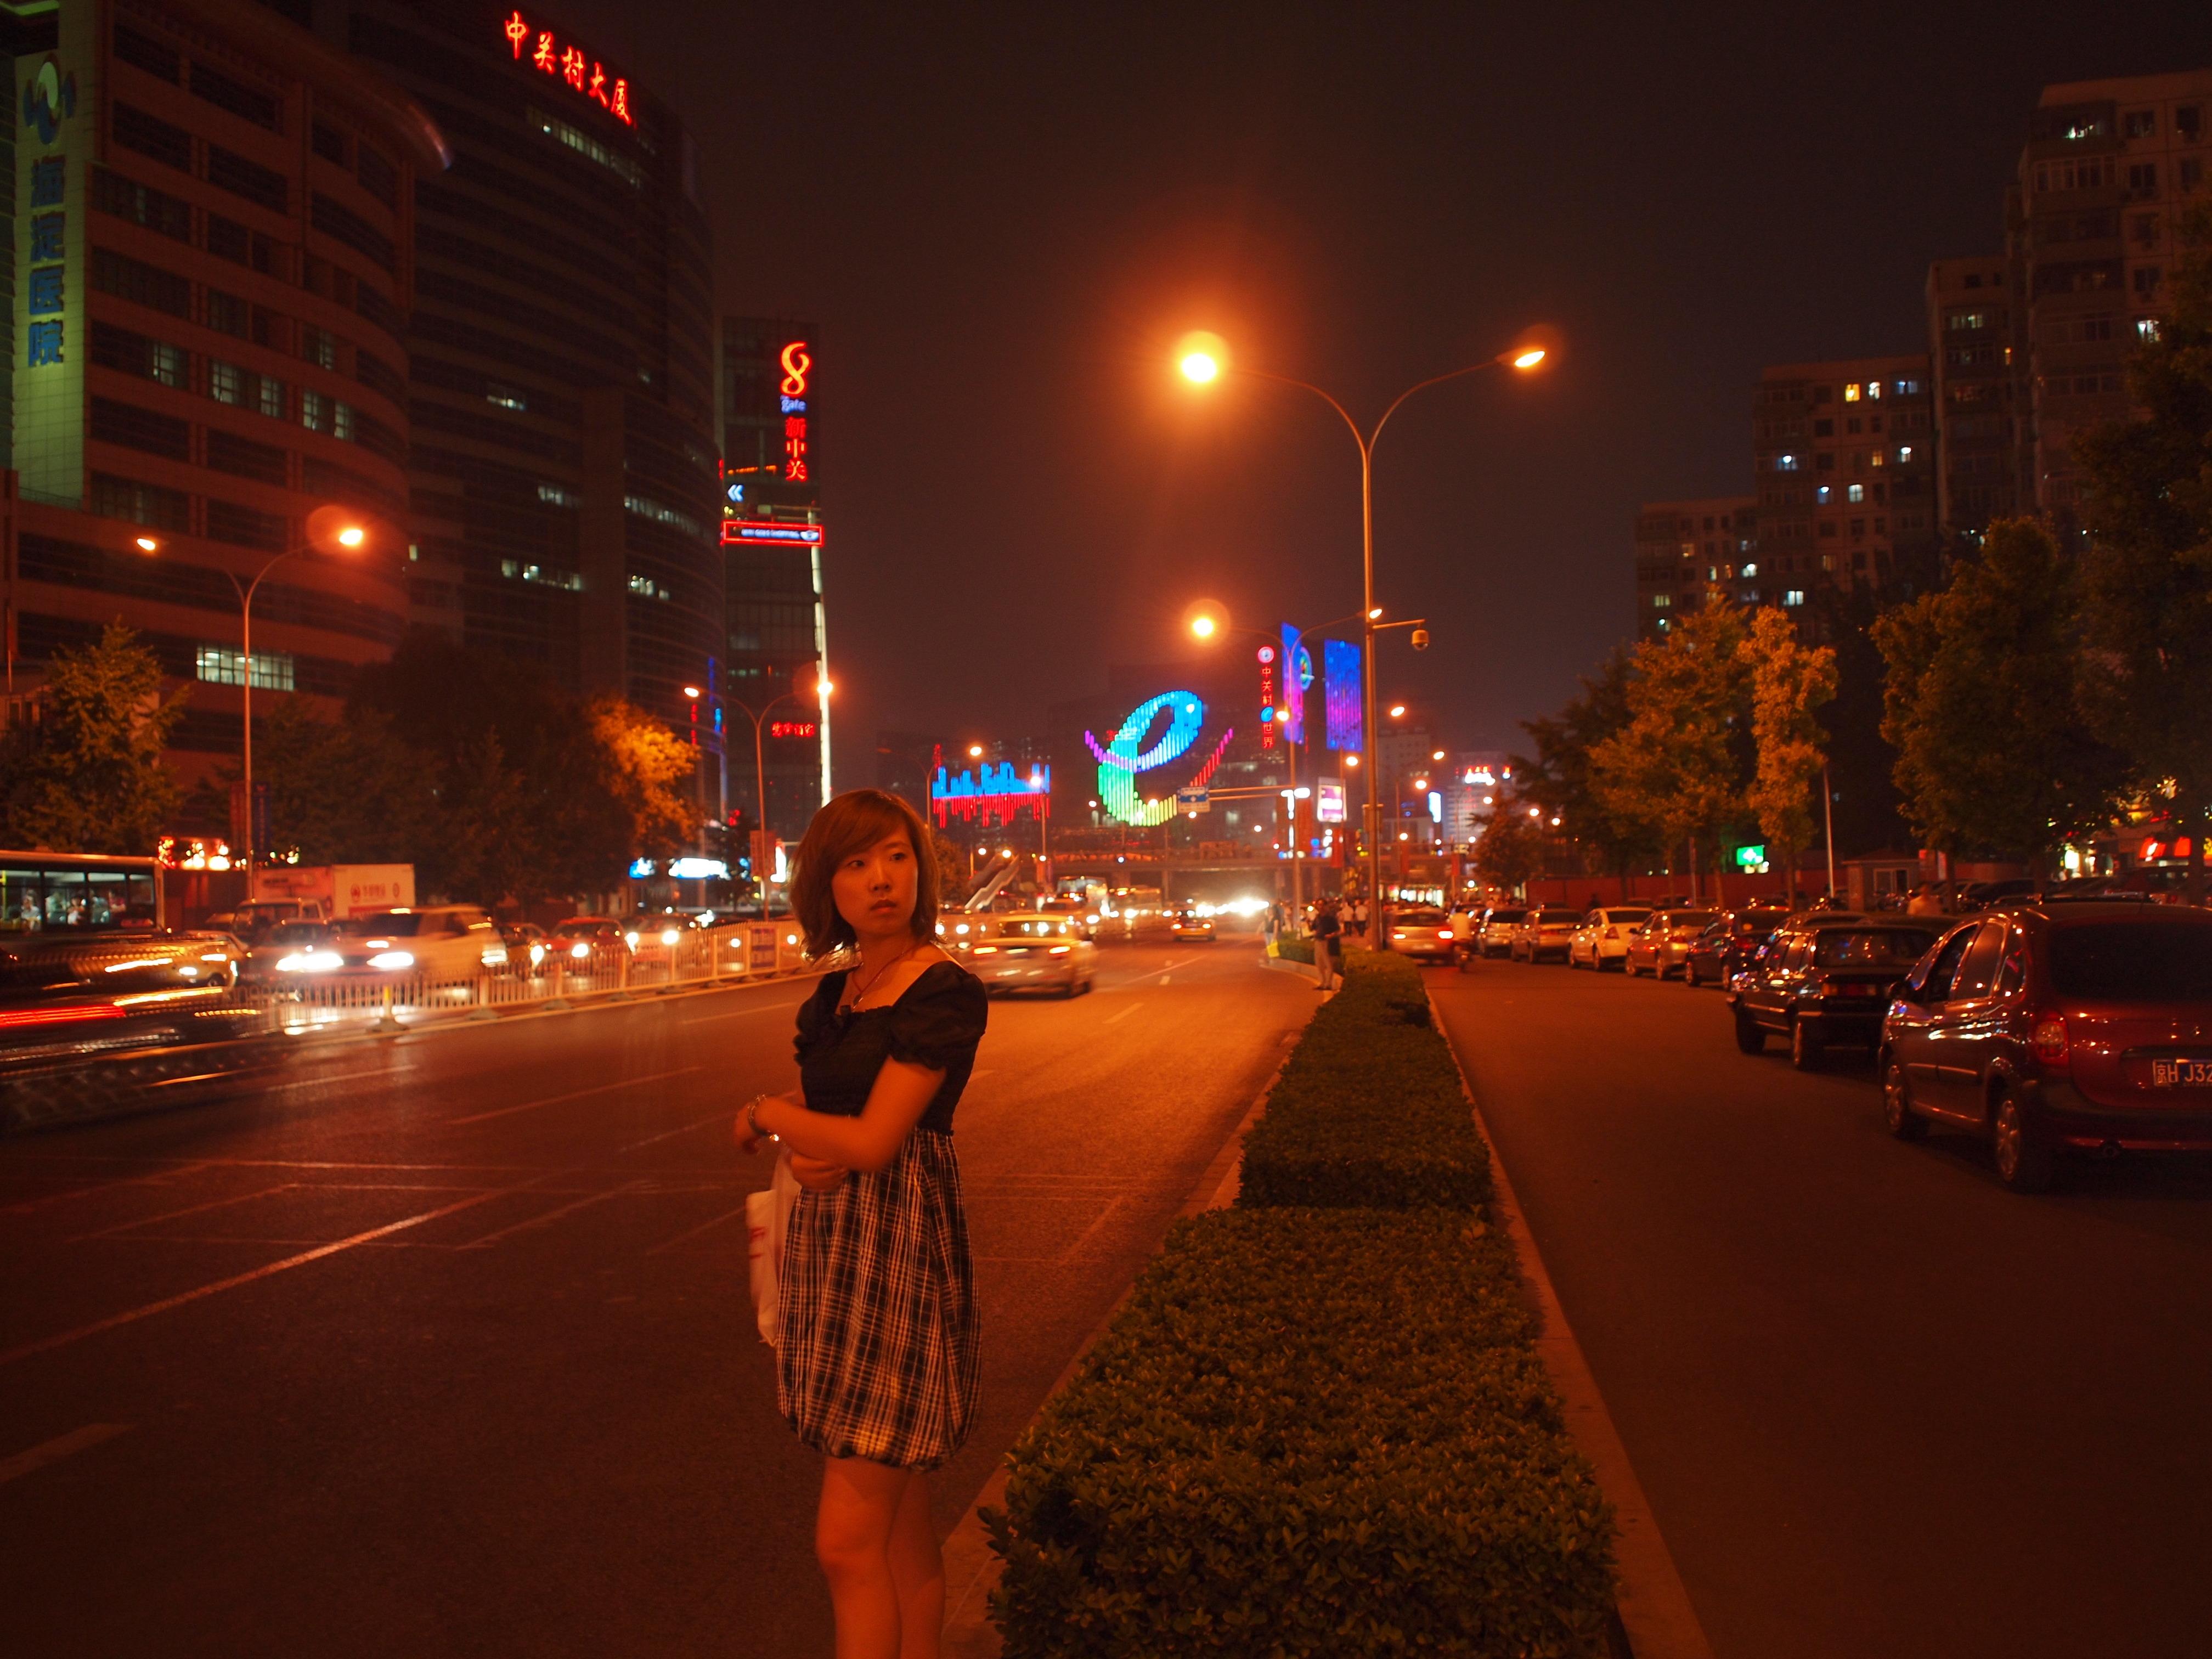 夜景模式下,相机会自动进行色彩渲染,以加强夜景下霓虹灯的绚丽.